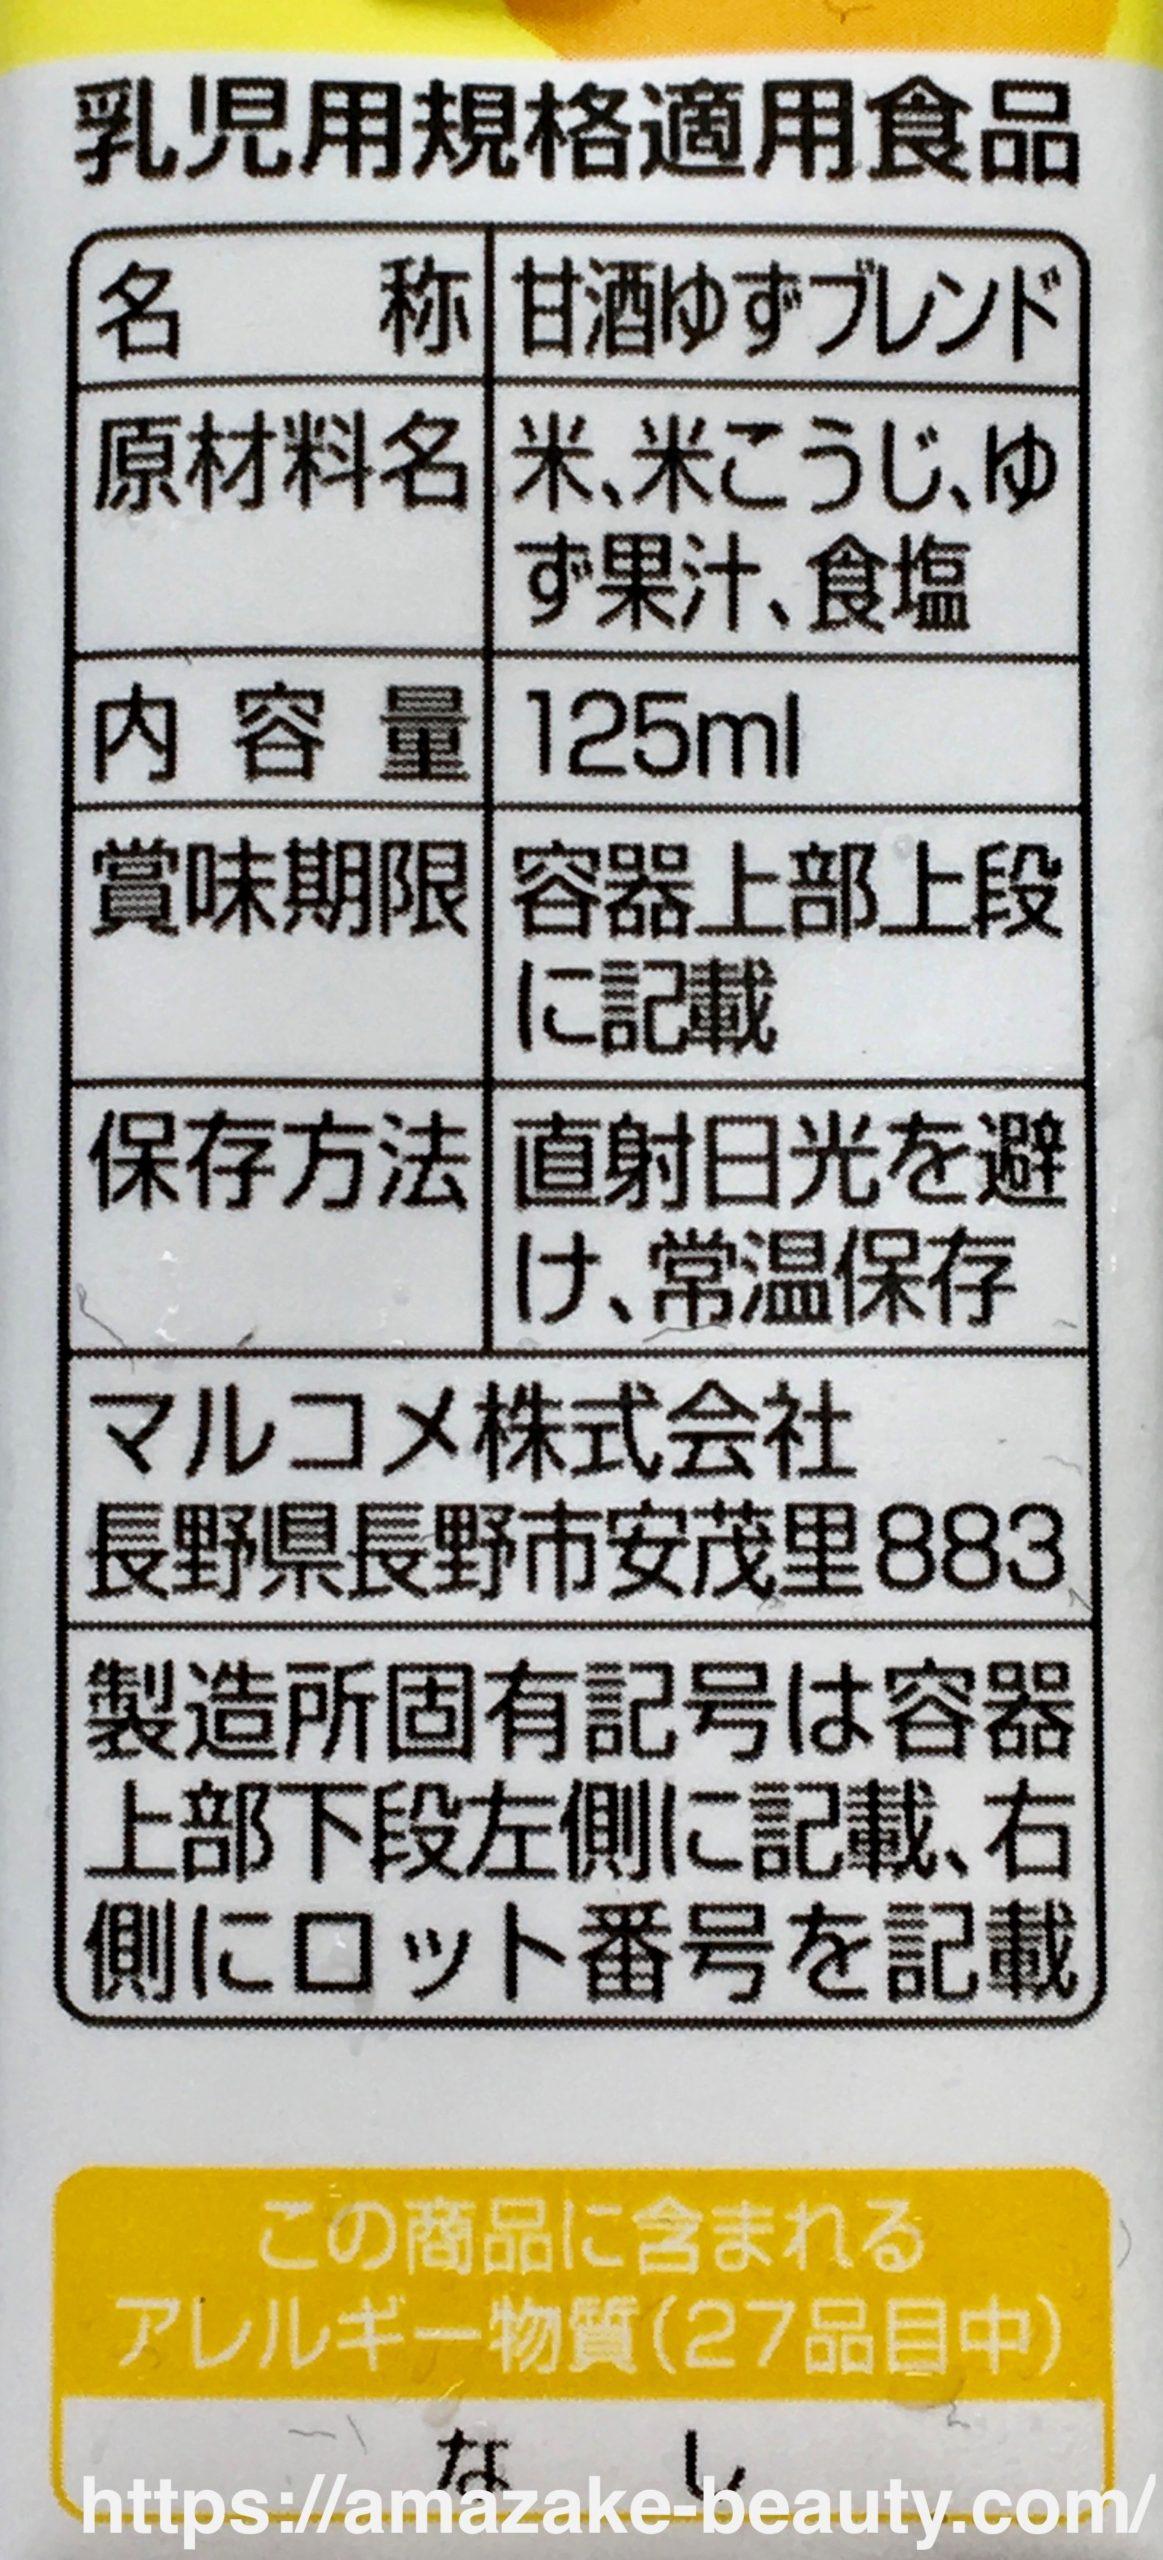 【甘酒】マルコメ『糀甘酒(ゆず)』(商品情報)